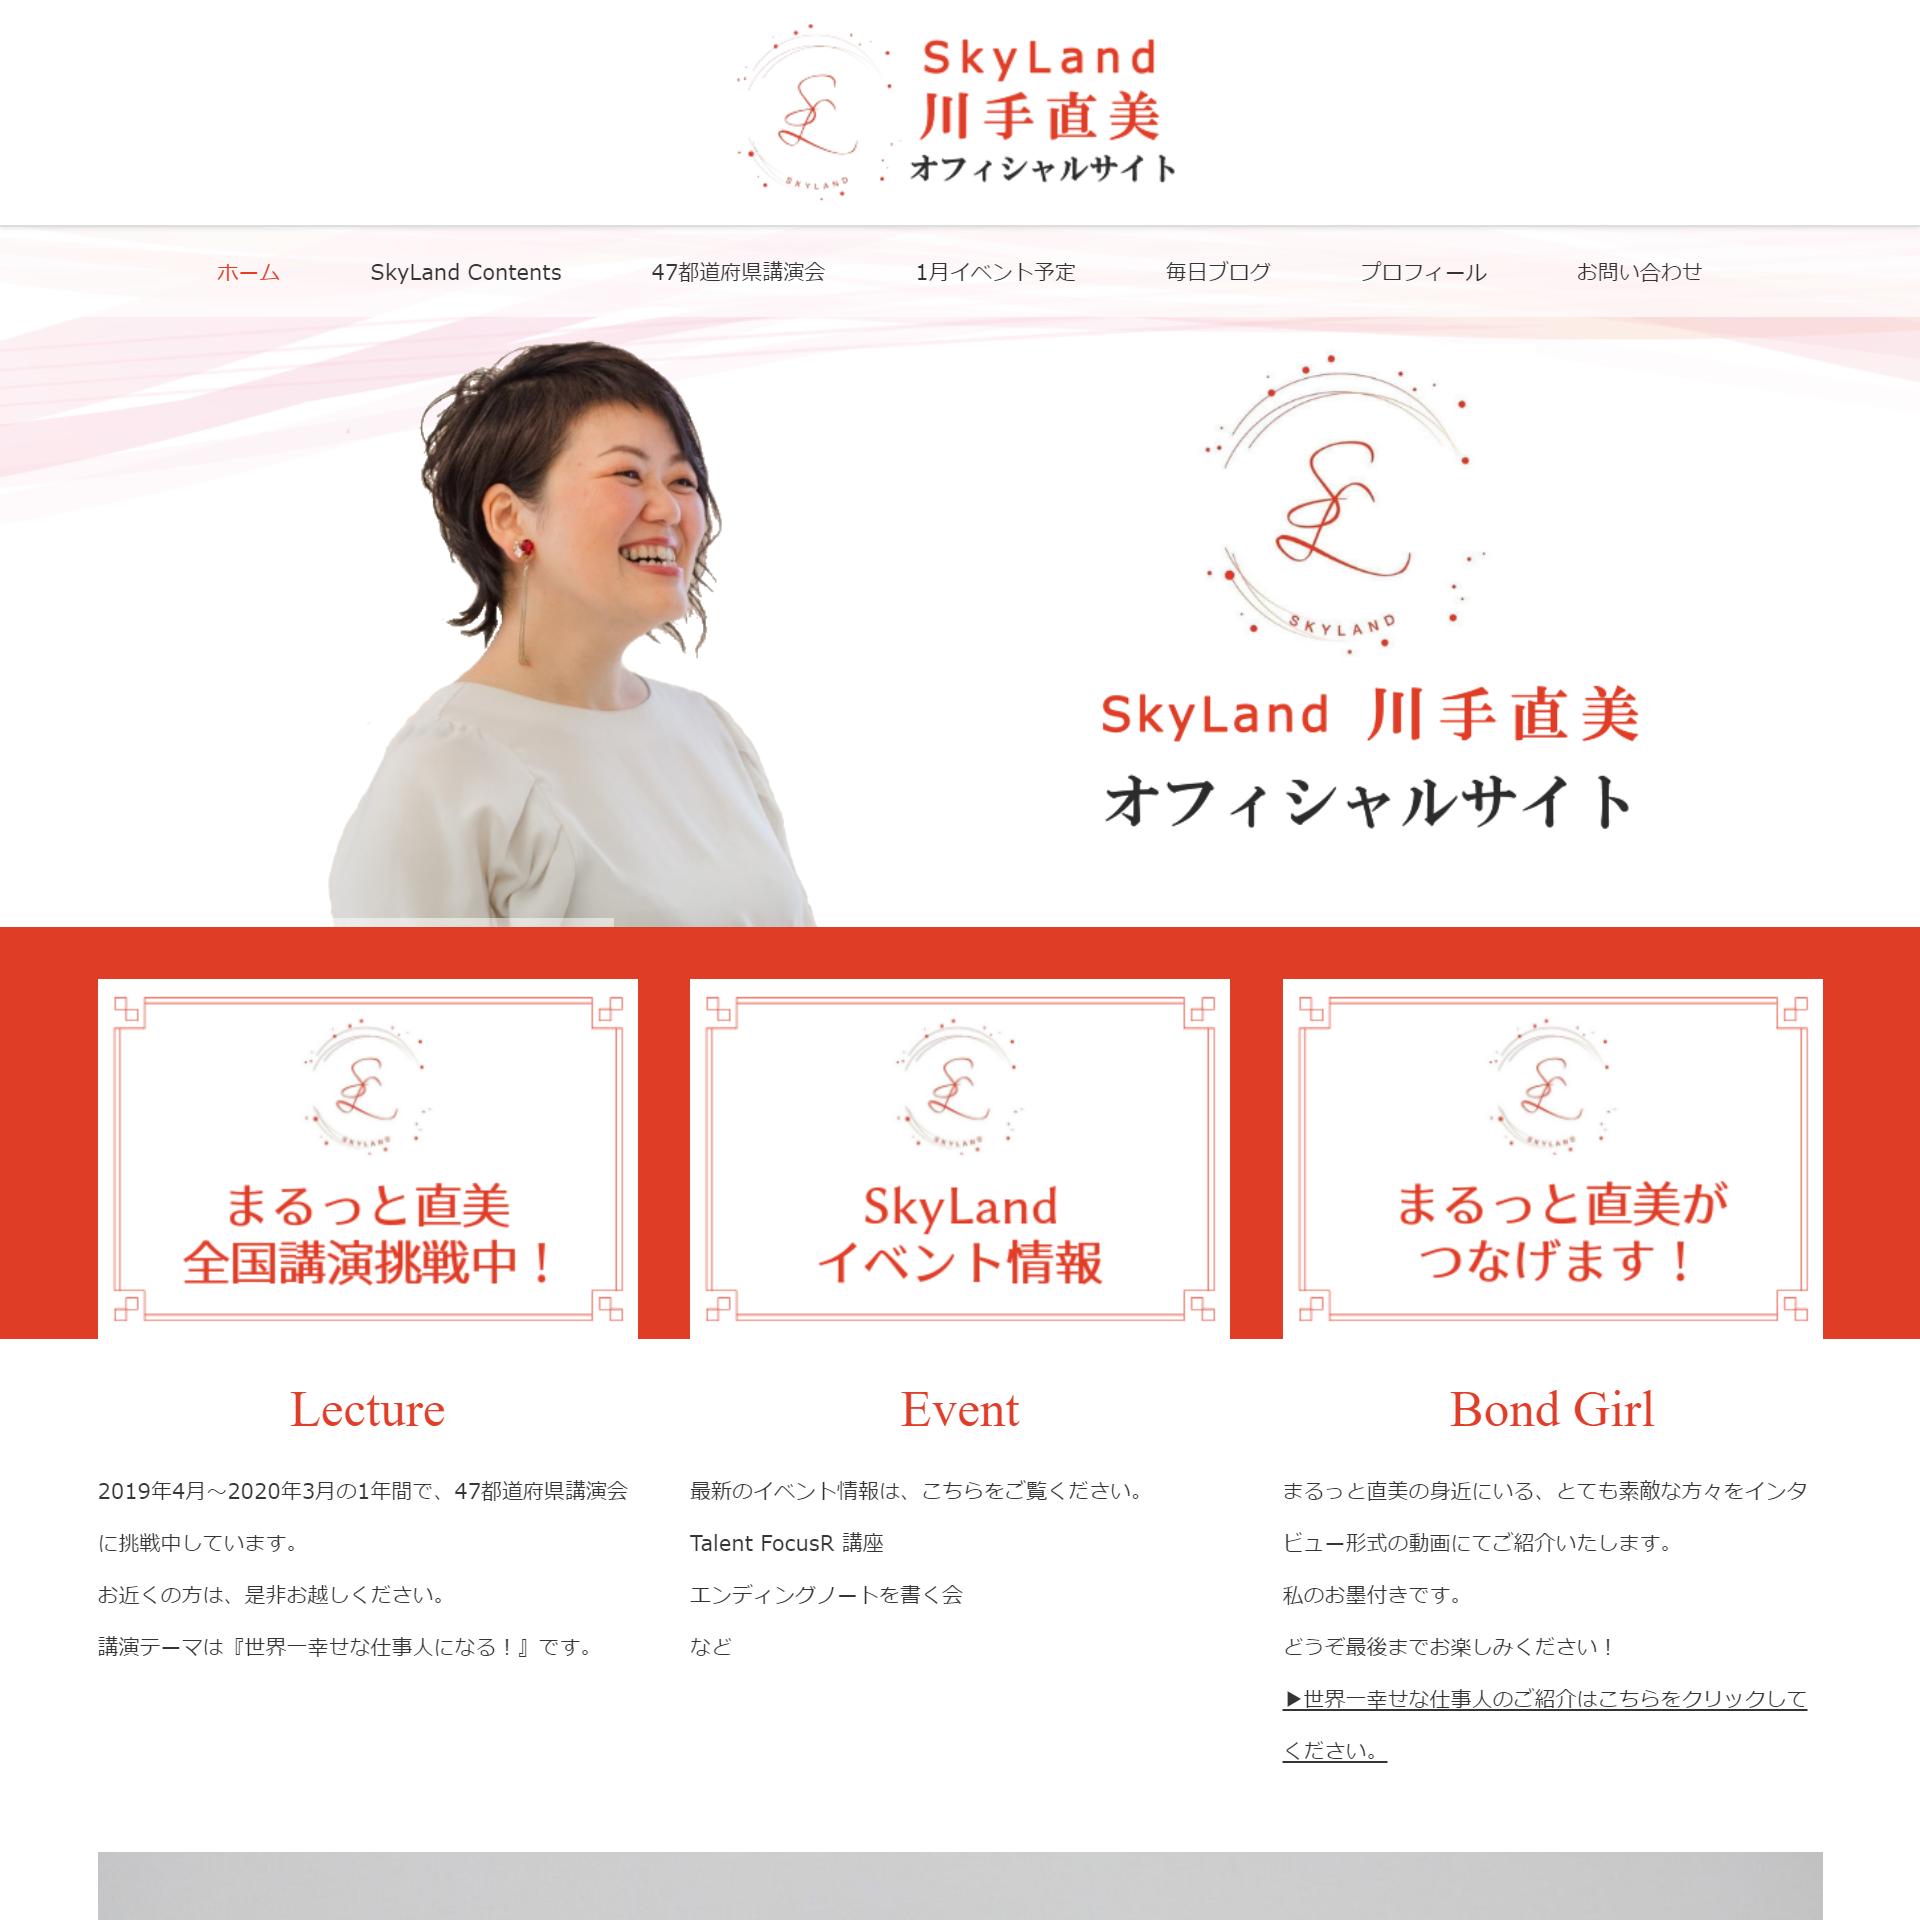 SkyLand川手直美オフィシャルサイト